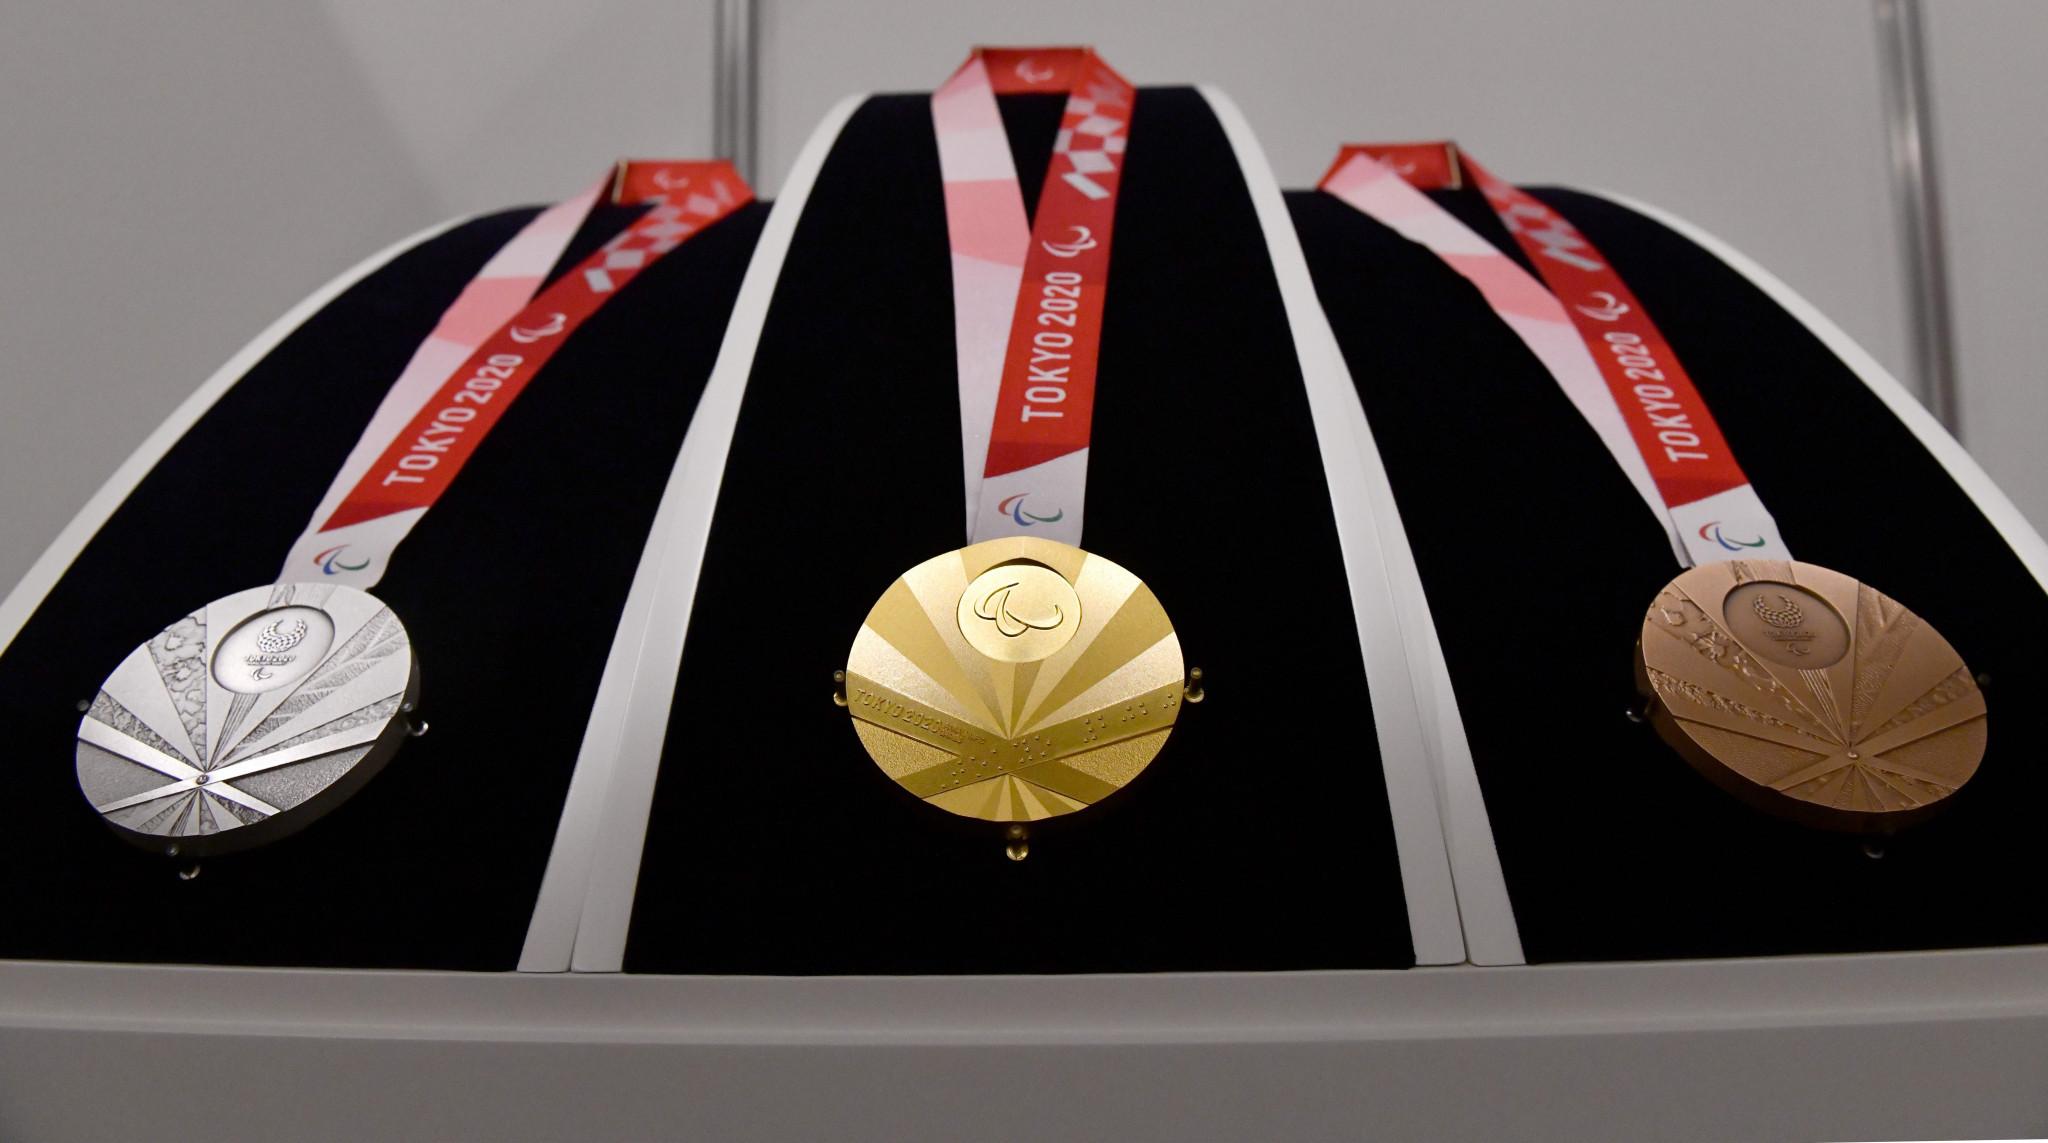 El para-taekwondo debutará en el Tokio Paralímpico de 2020 © Getty Images